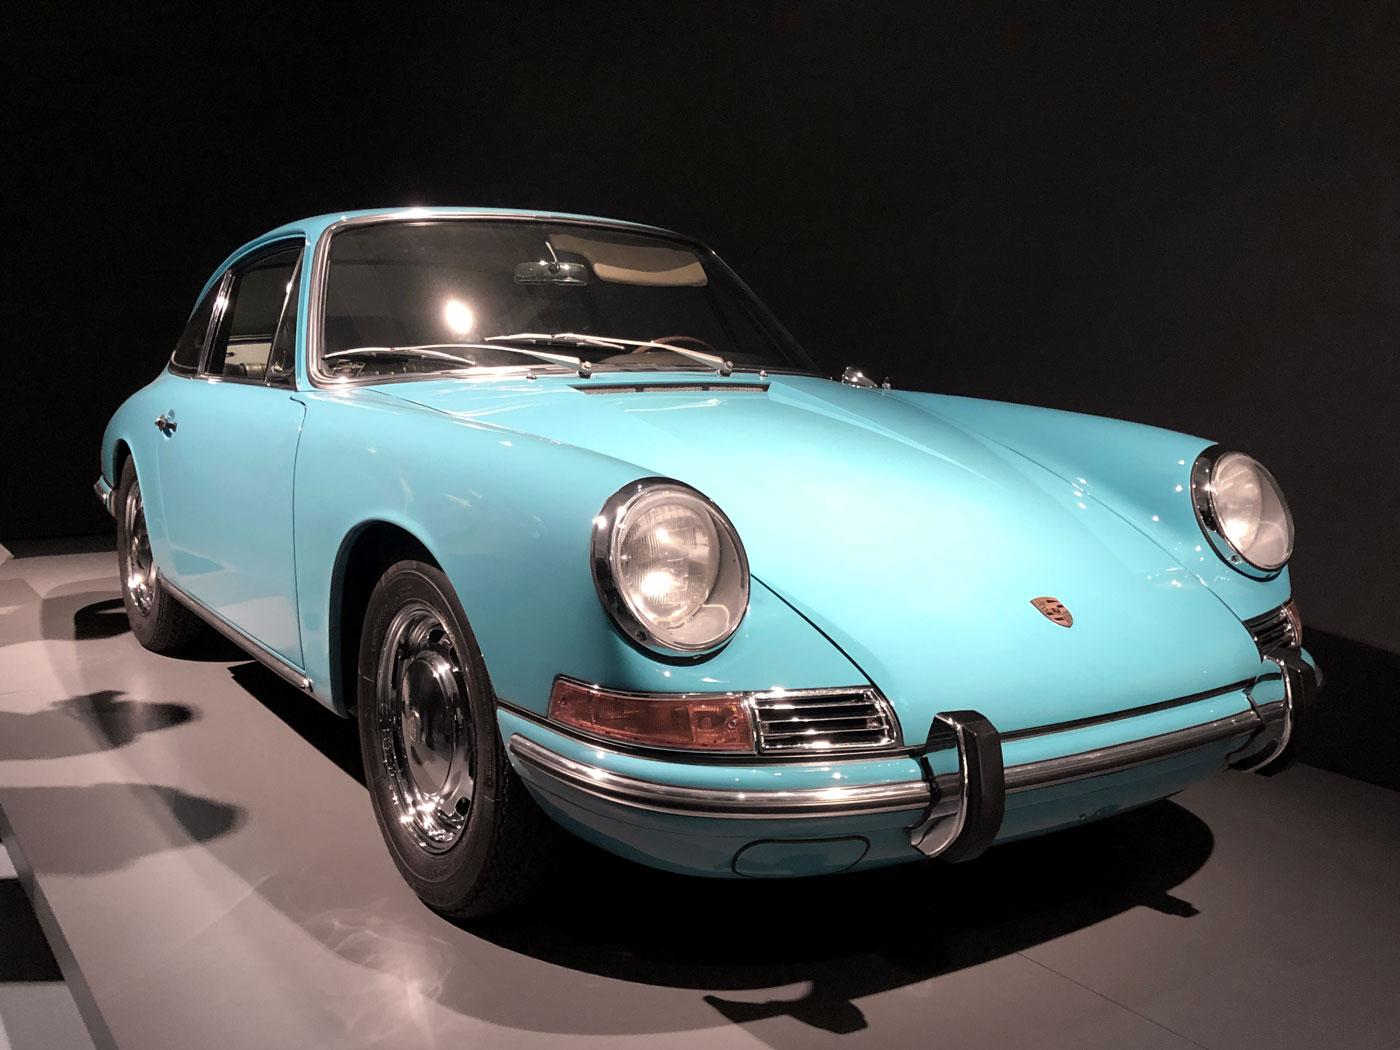 kristallblauer Prosche 911 auf einer grauen Plattform